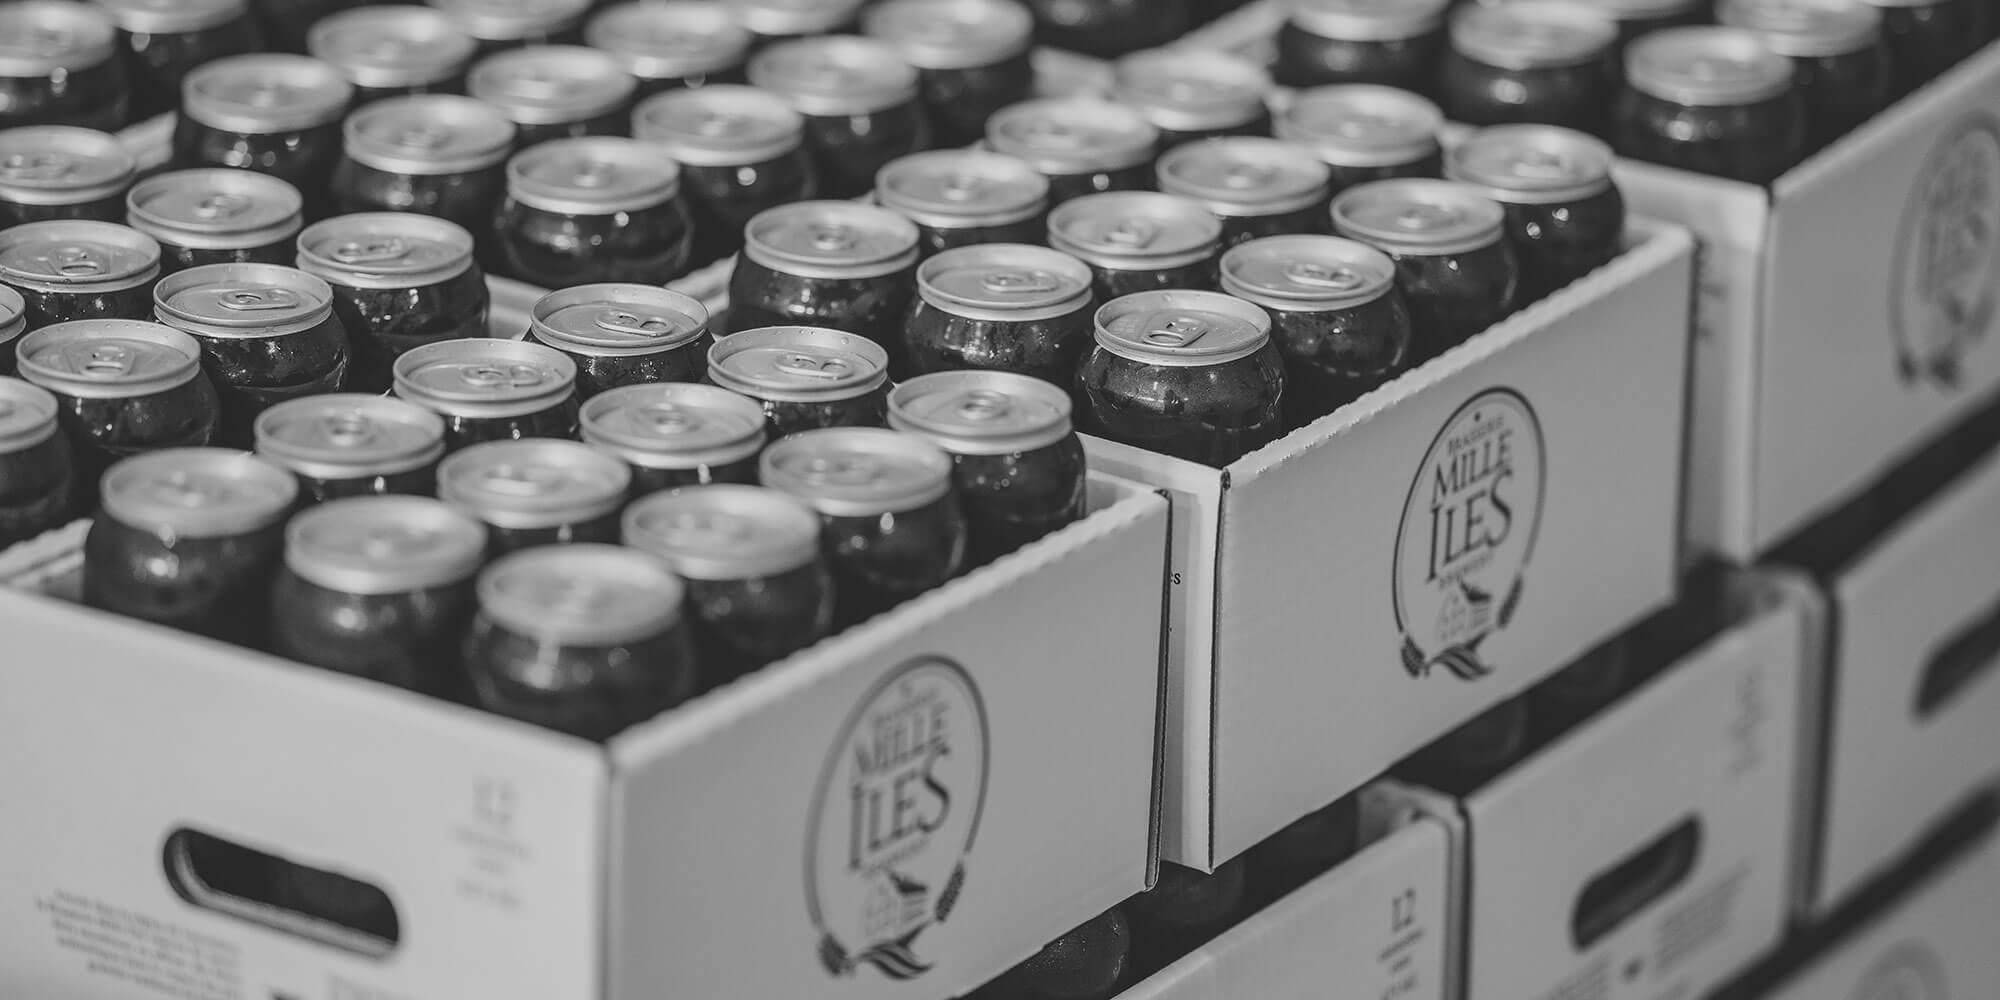 Caisses de bières brasserie mille iles